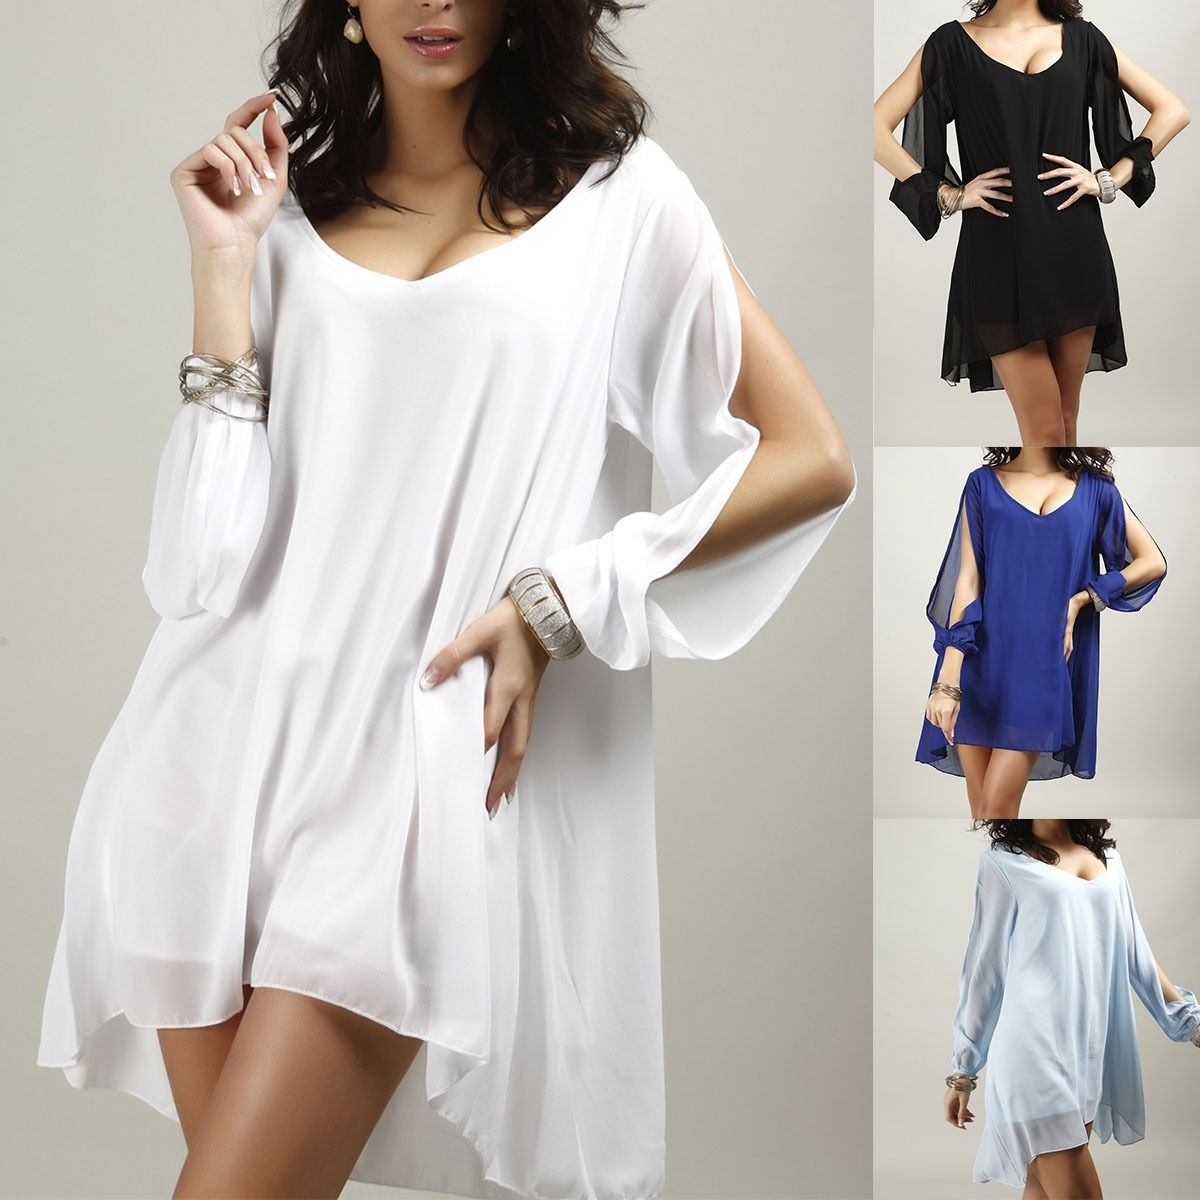 e79248ea265d5 vestidos bonitos económicos elegantes casual barato fiesta. Cargando zoom.